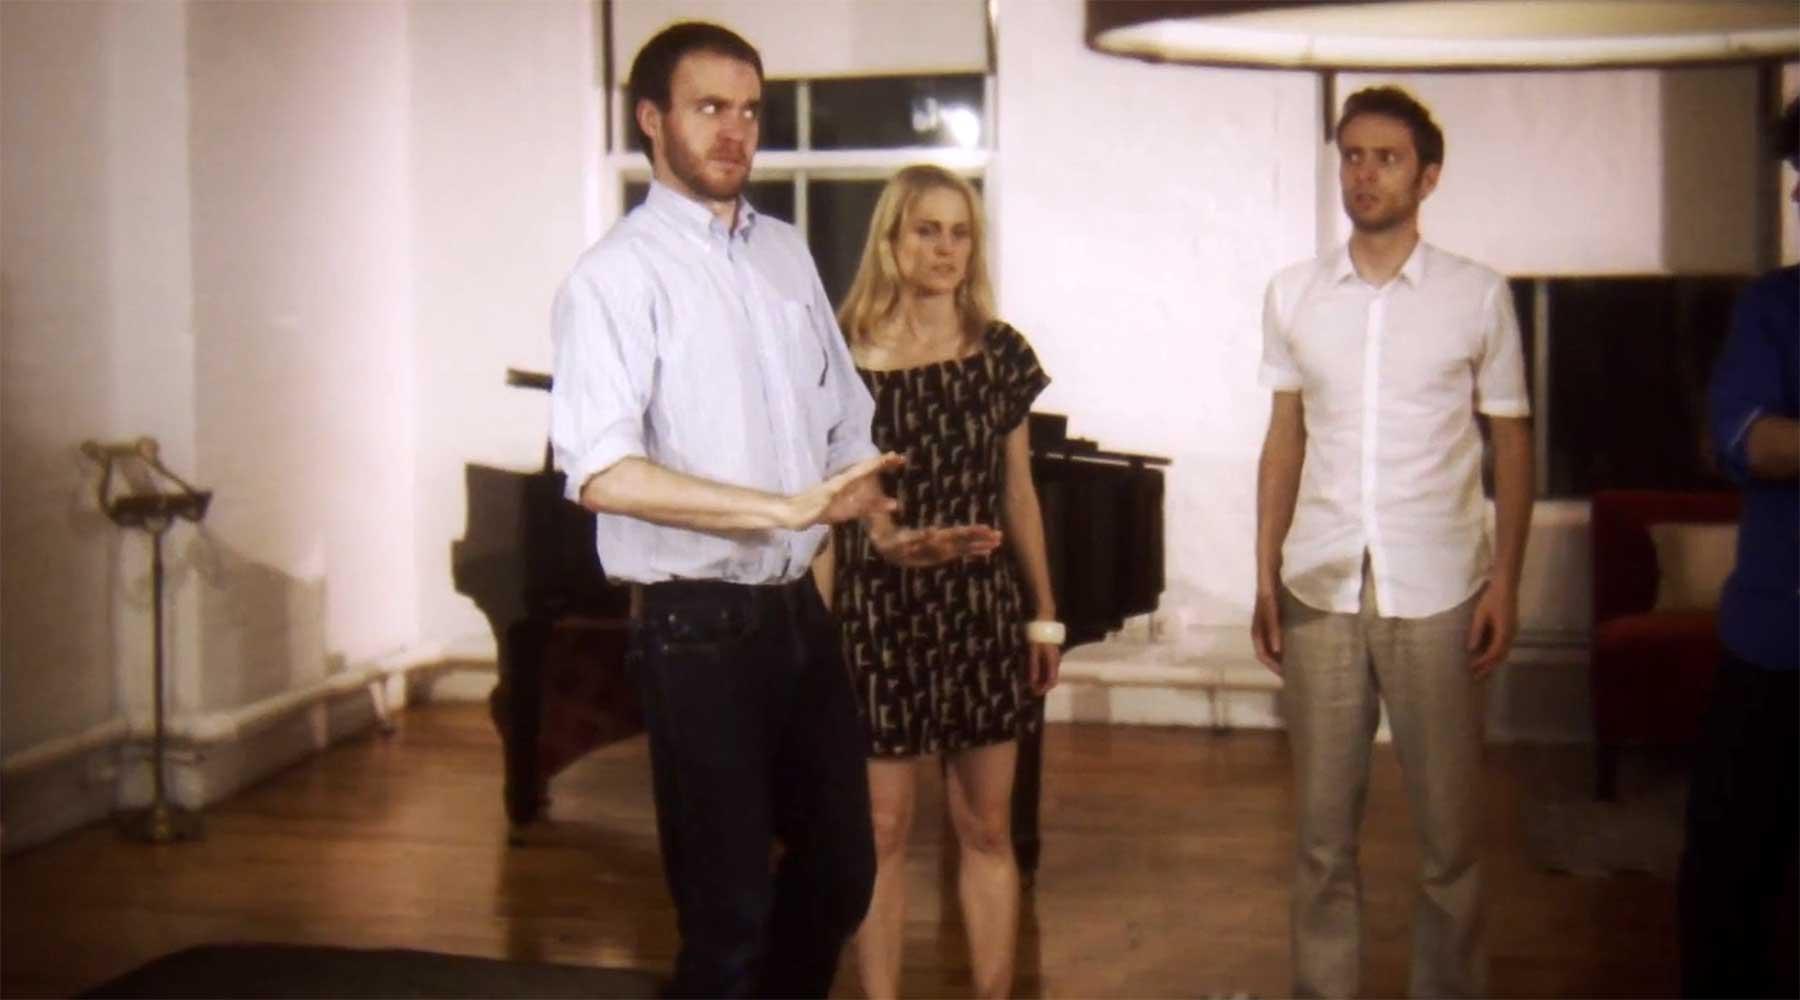 Unnützes Talent: Sterben auf Kommando kurzfilm-party-trick